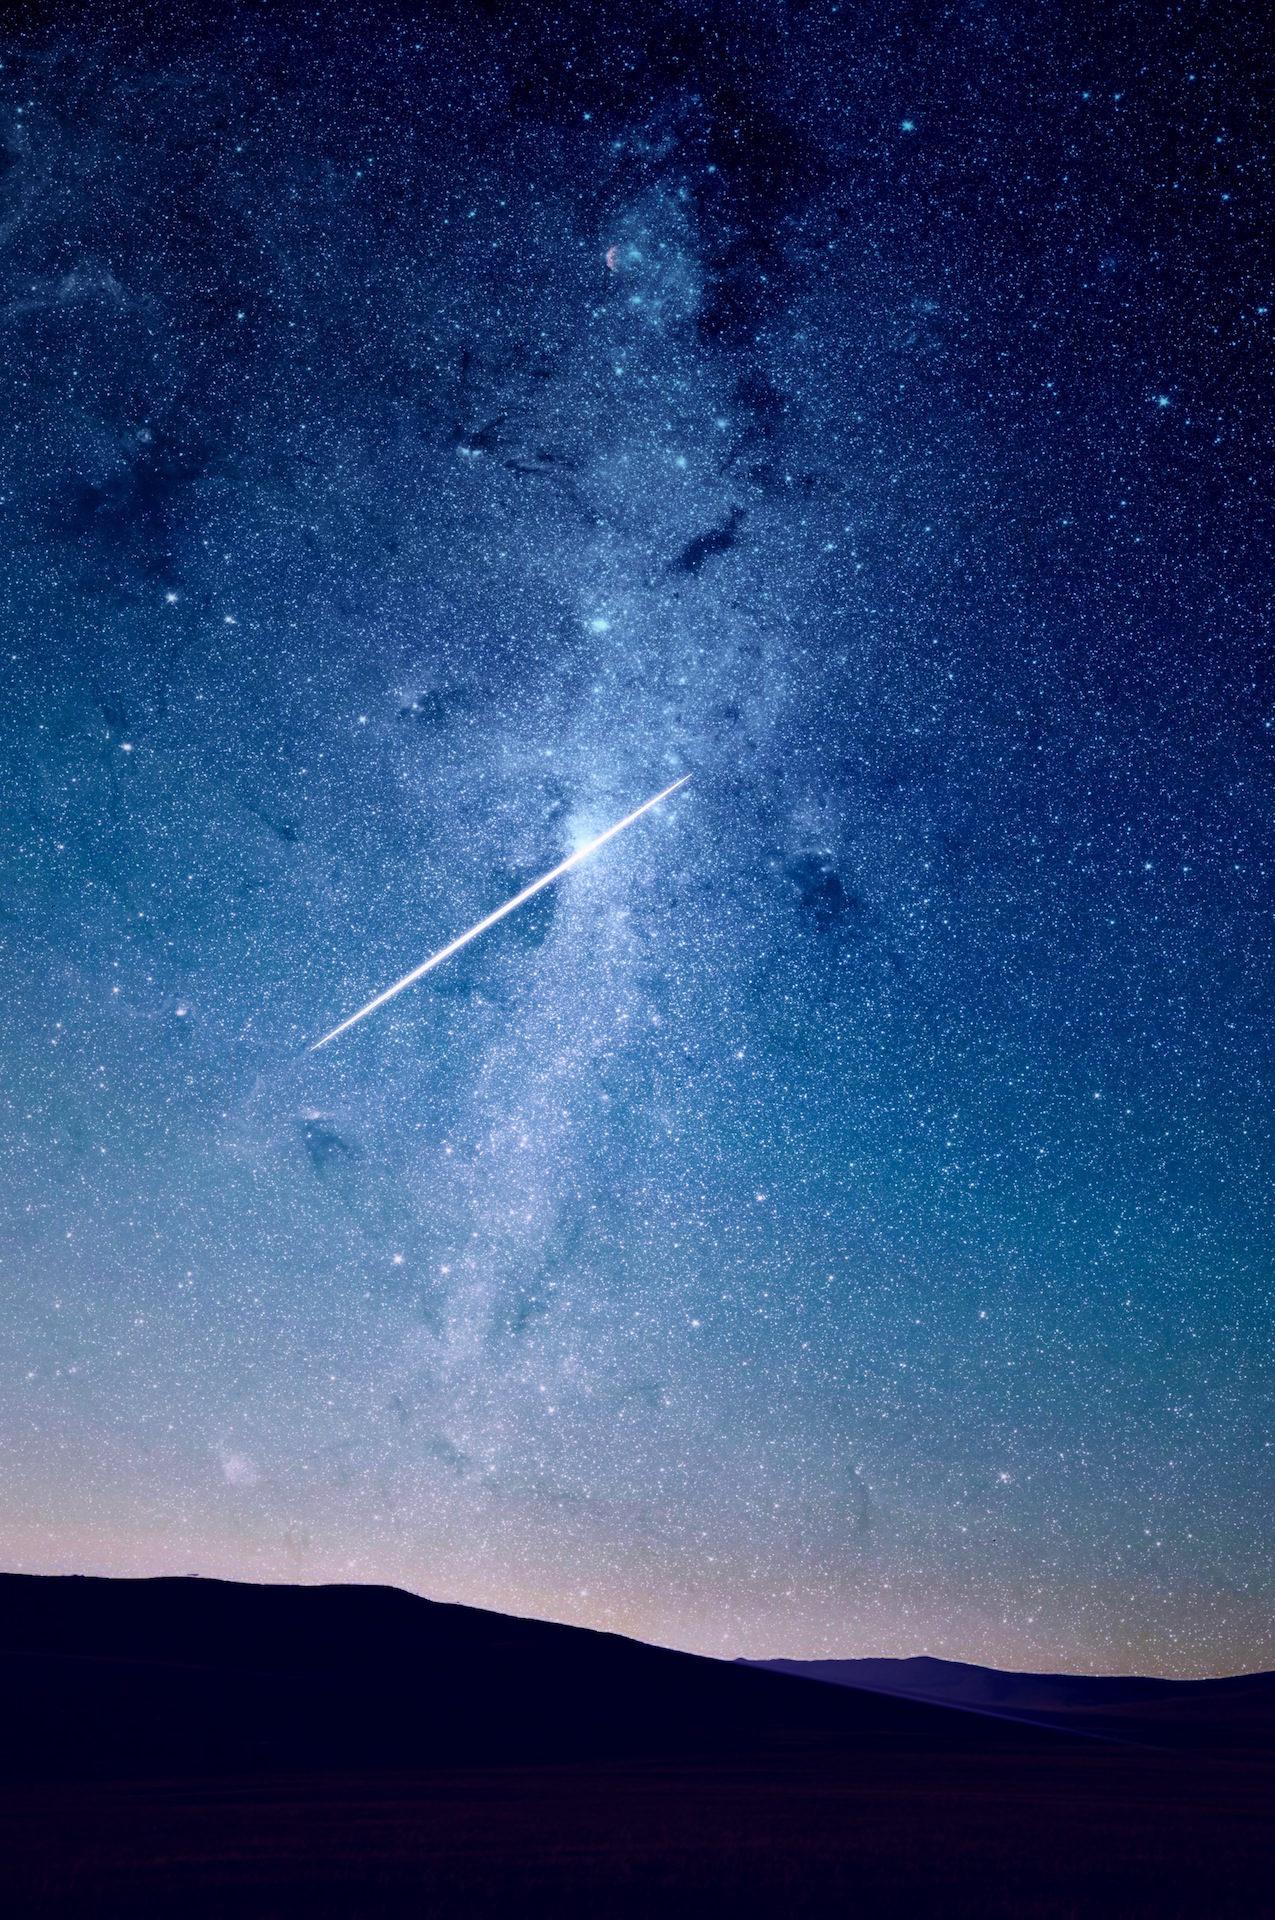 ночь, Небо, Звезда, мимолетное, желание - Обои HD - Профессор falken.com